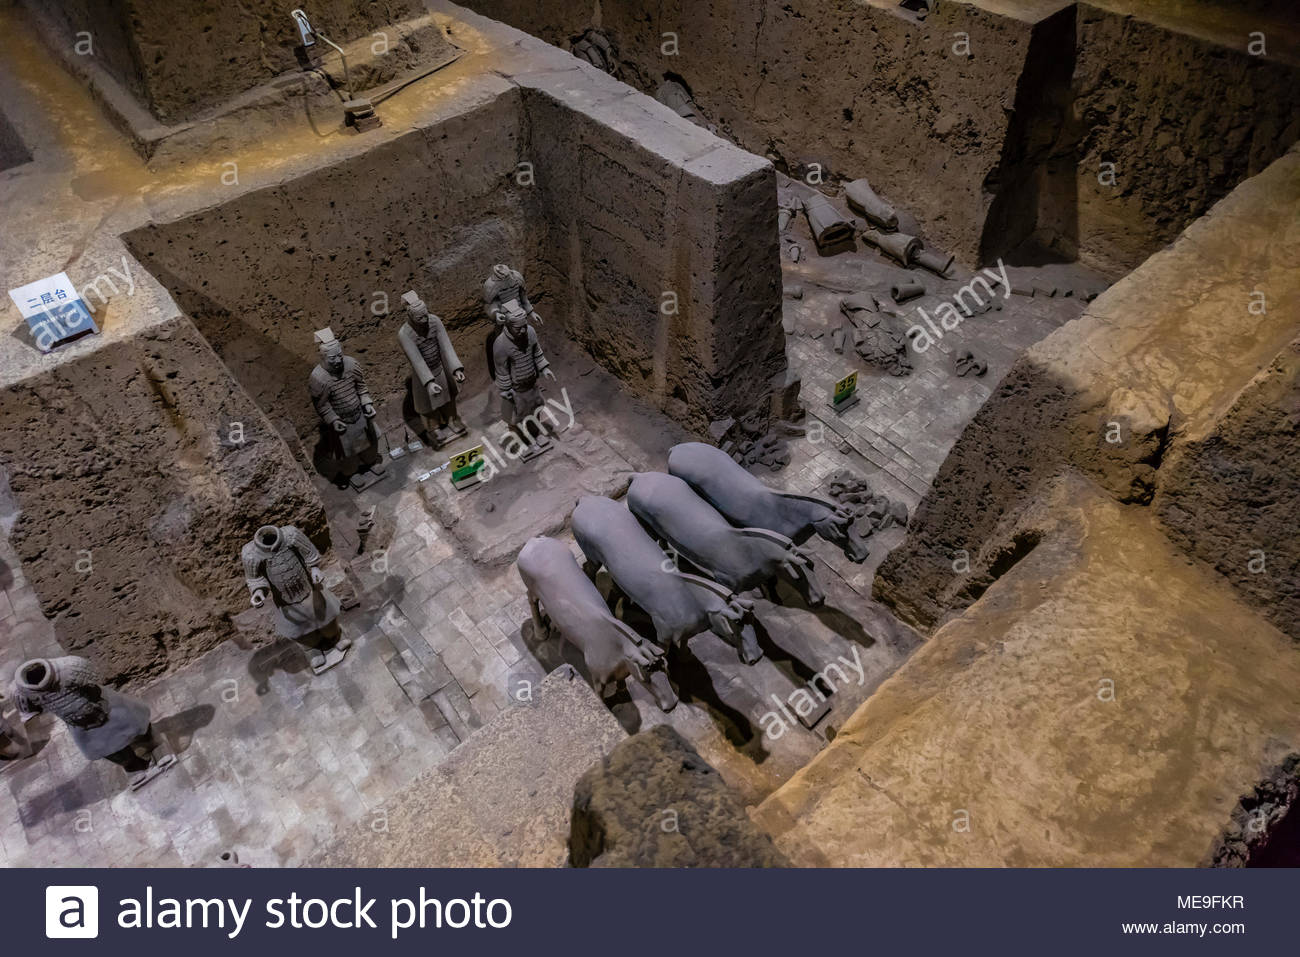 Vault 3 puits d'excavation où le travail est toujours en cours à l'Armée de terre cuite de l'empereur Qin Shi Huang, le premier empereur de Chine. L'armée a été enterré w Photo Stock